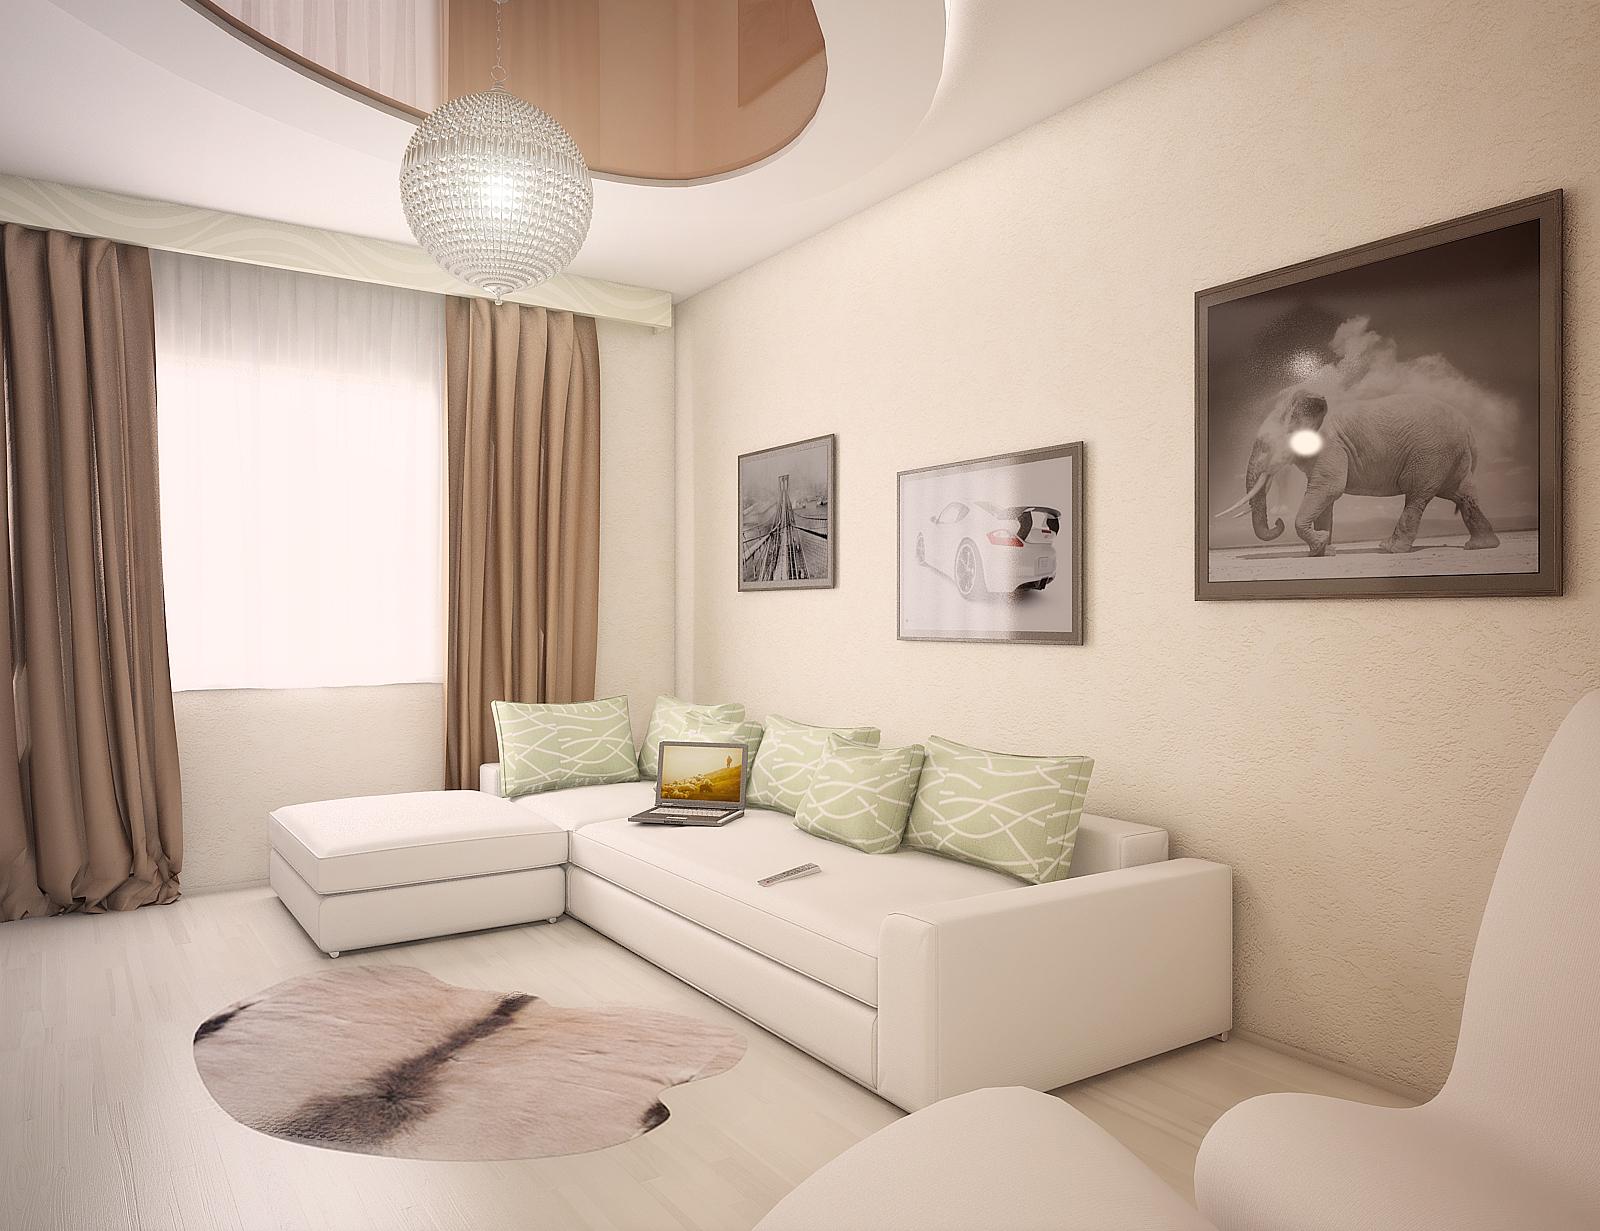 Дизайн интерьера и мебели: Дизайн квартиры 70 кв метров